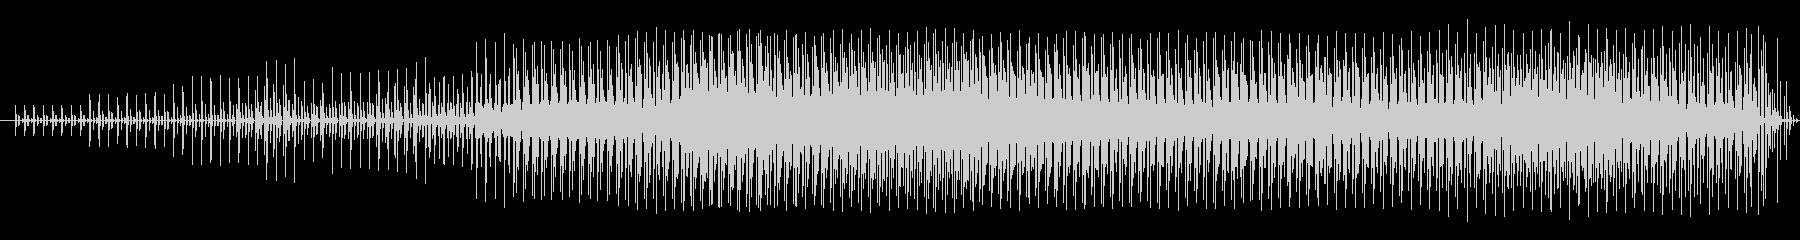 パズルゲーム向きな音楽の未再生の波形